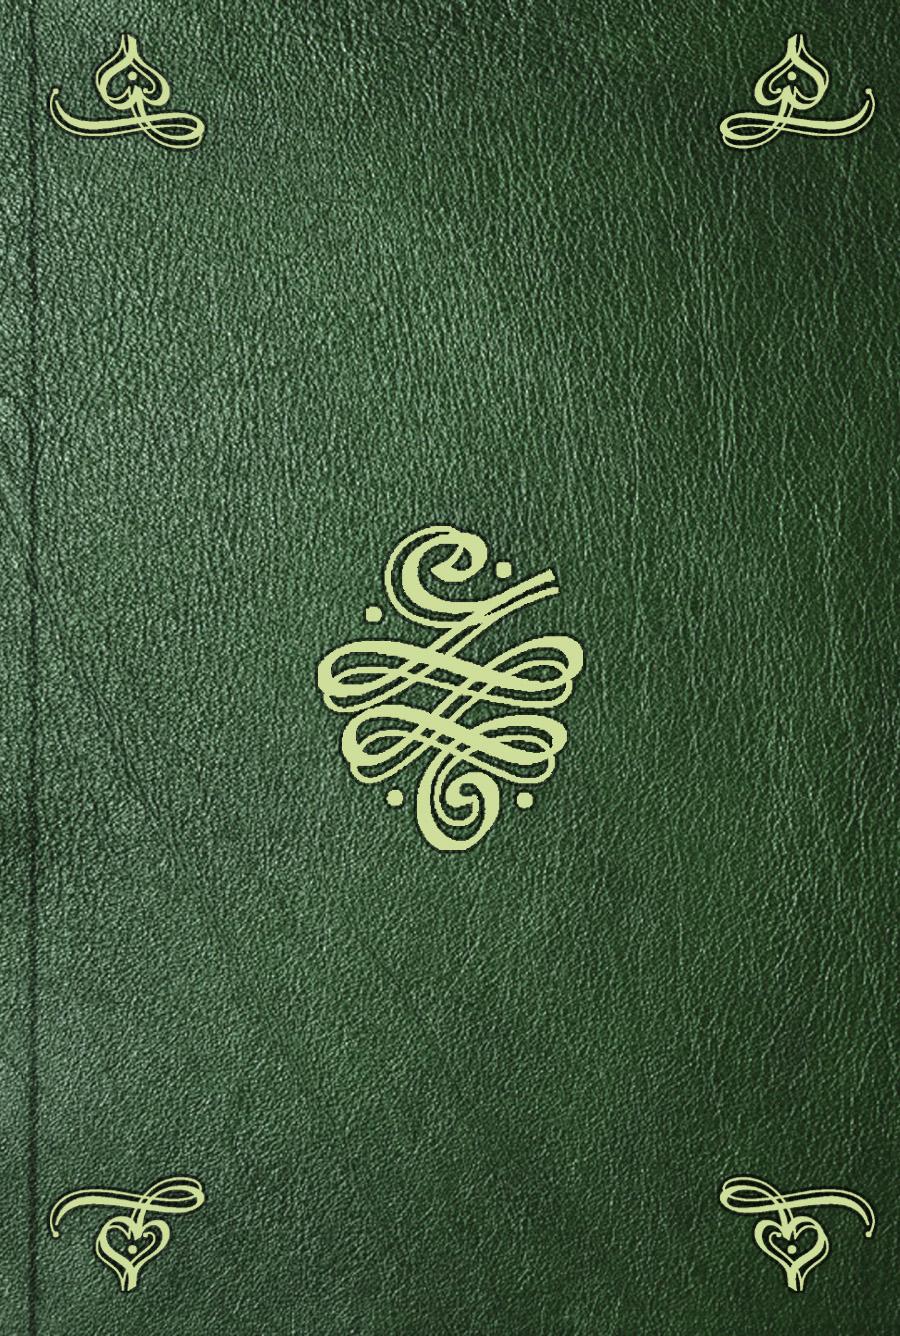 Jacques Necker Collection complette de tous les ouvrages. T. 1 tous